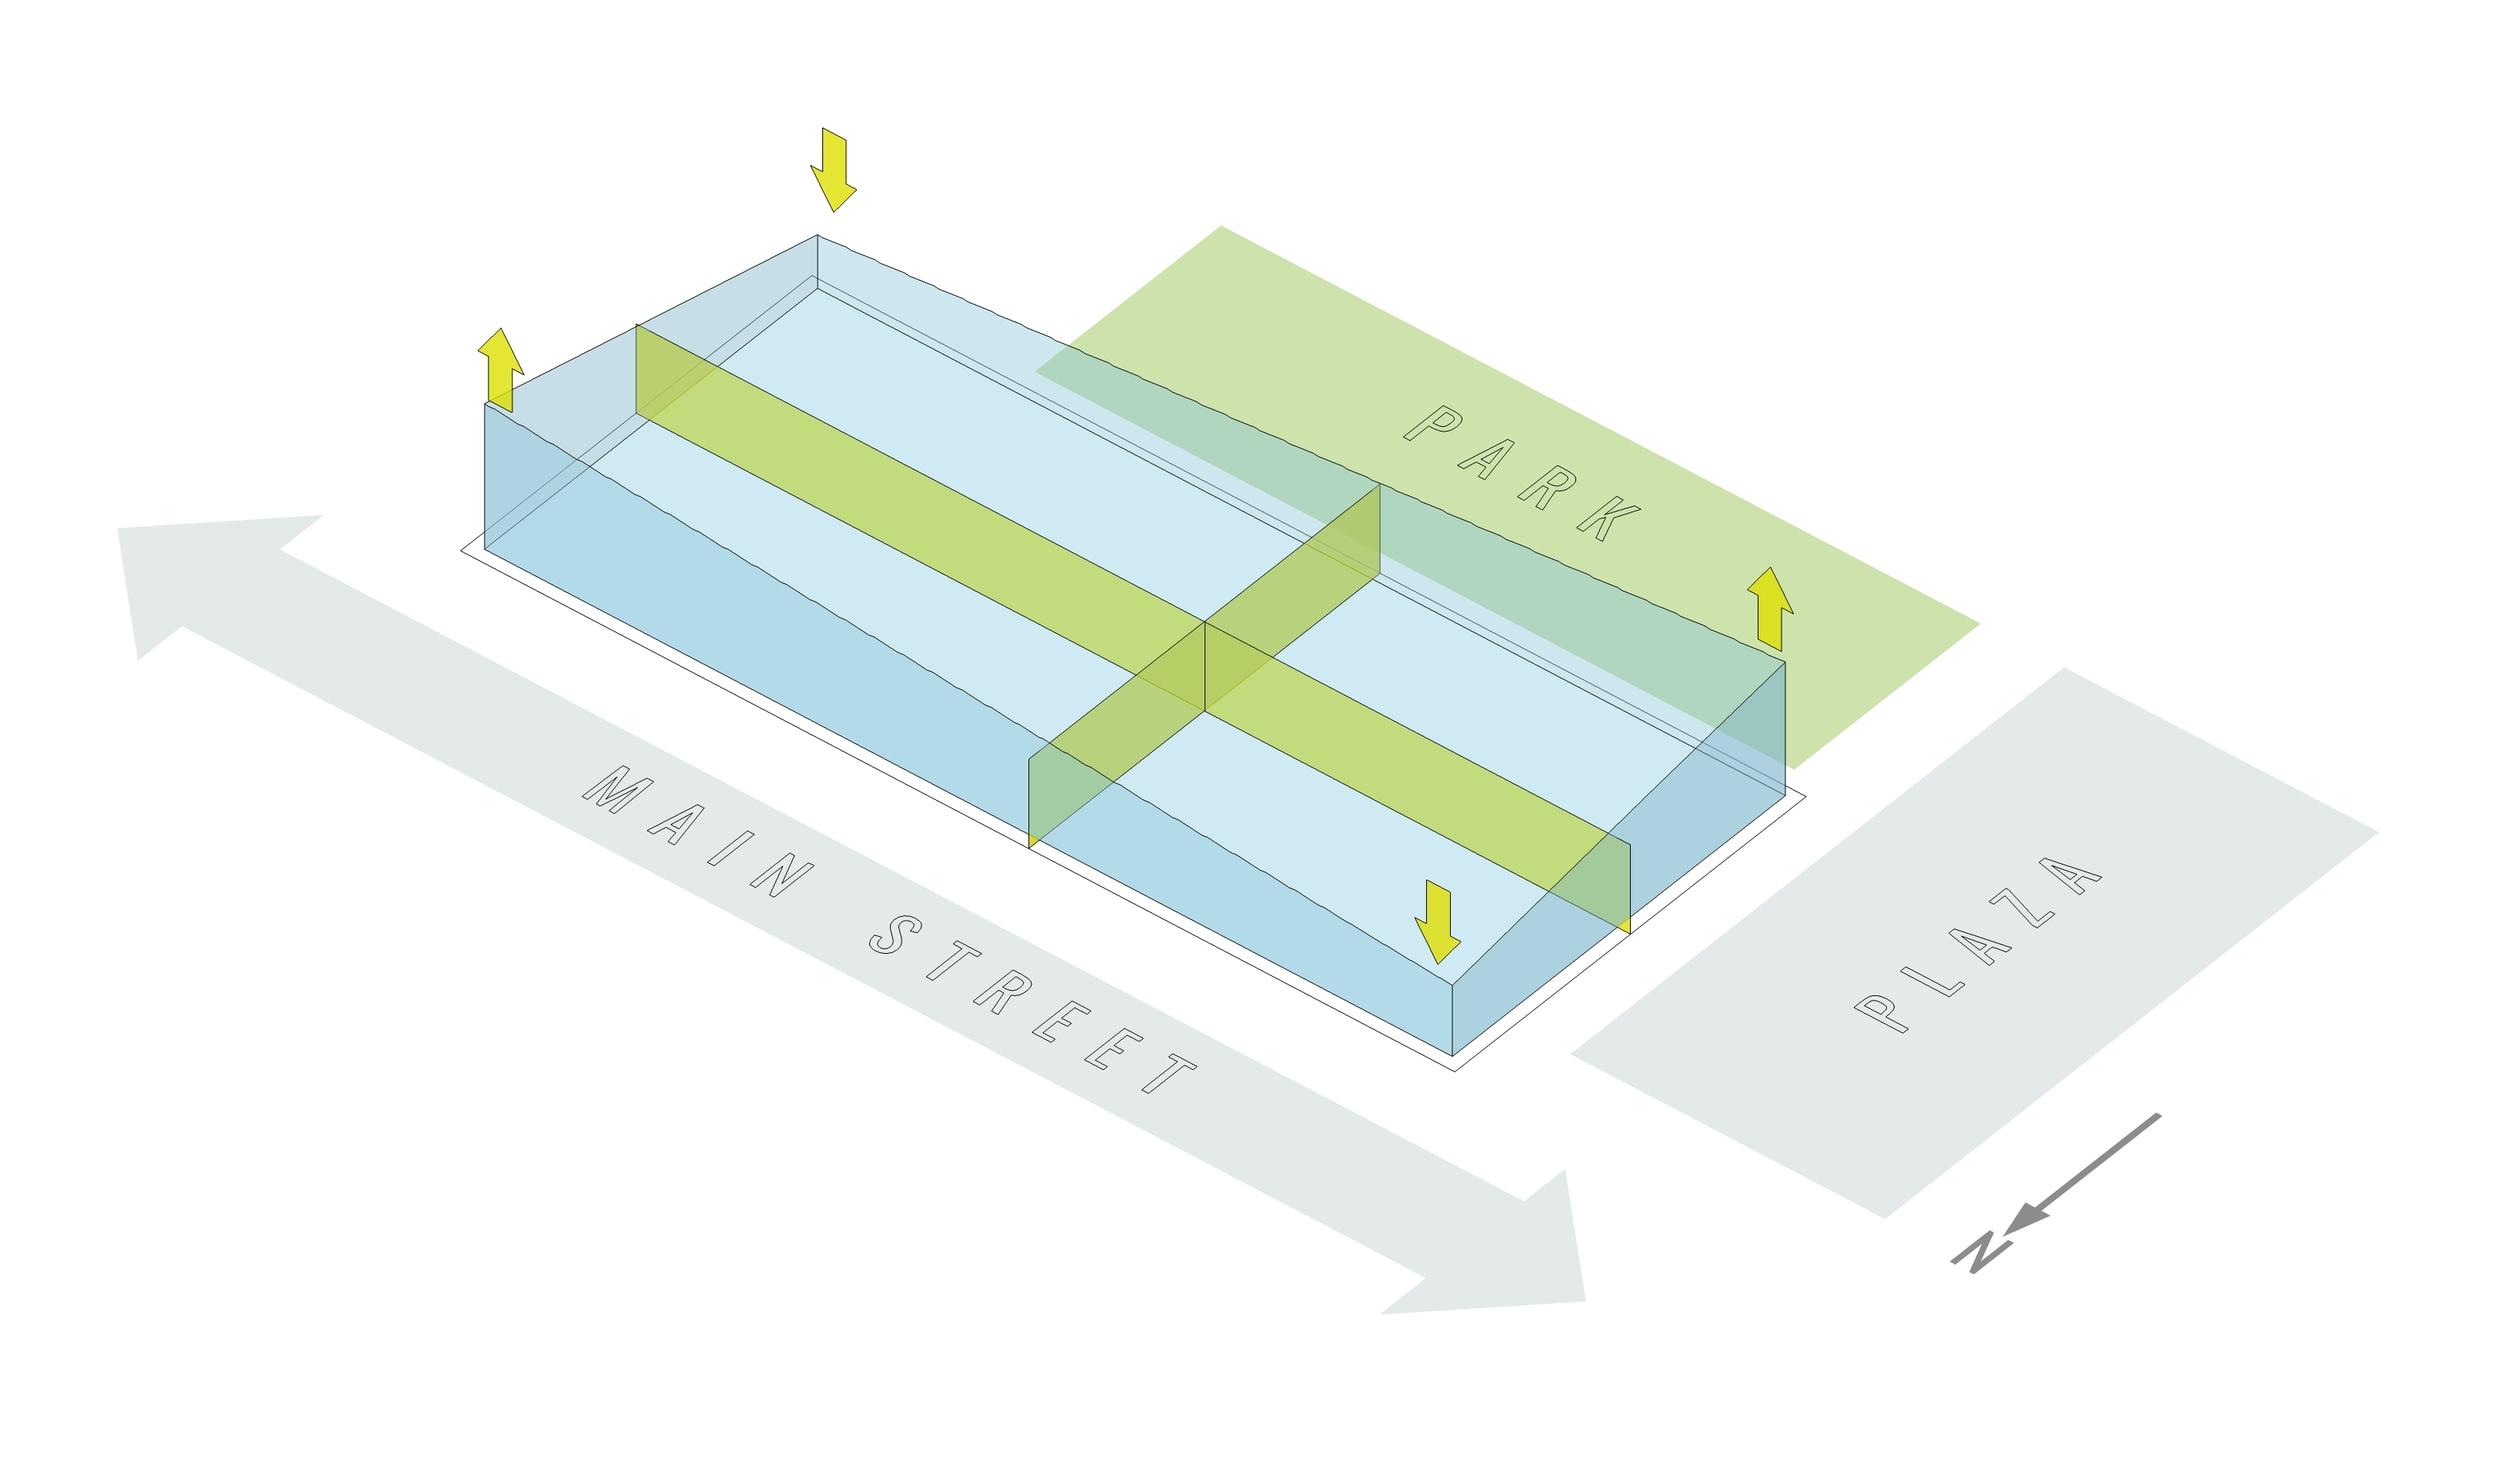 OSL - Massing Diagram 02.jpg